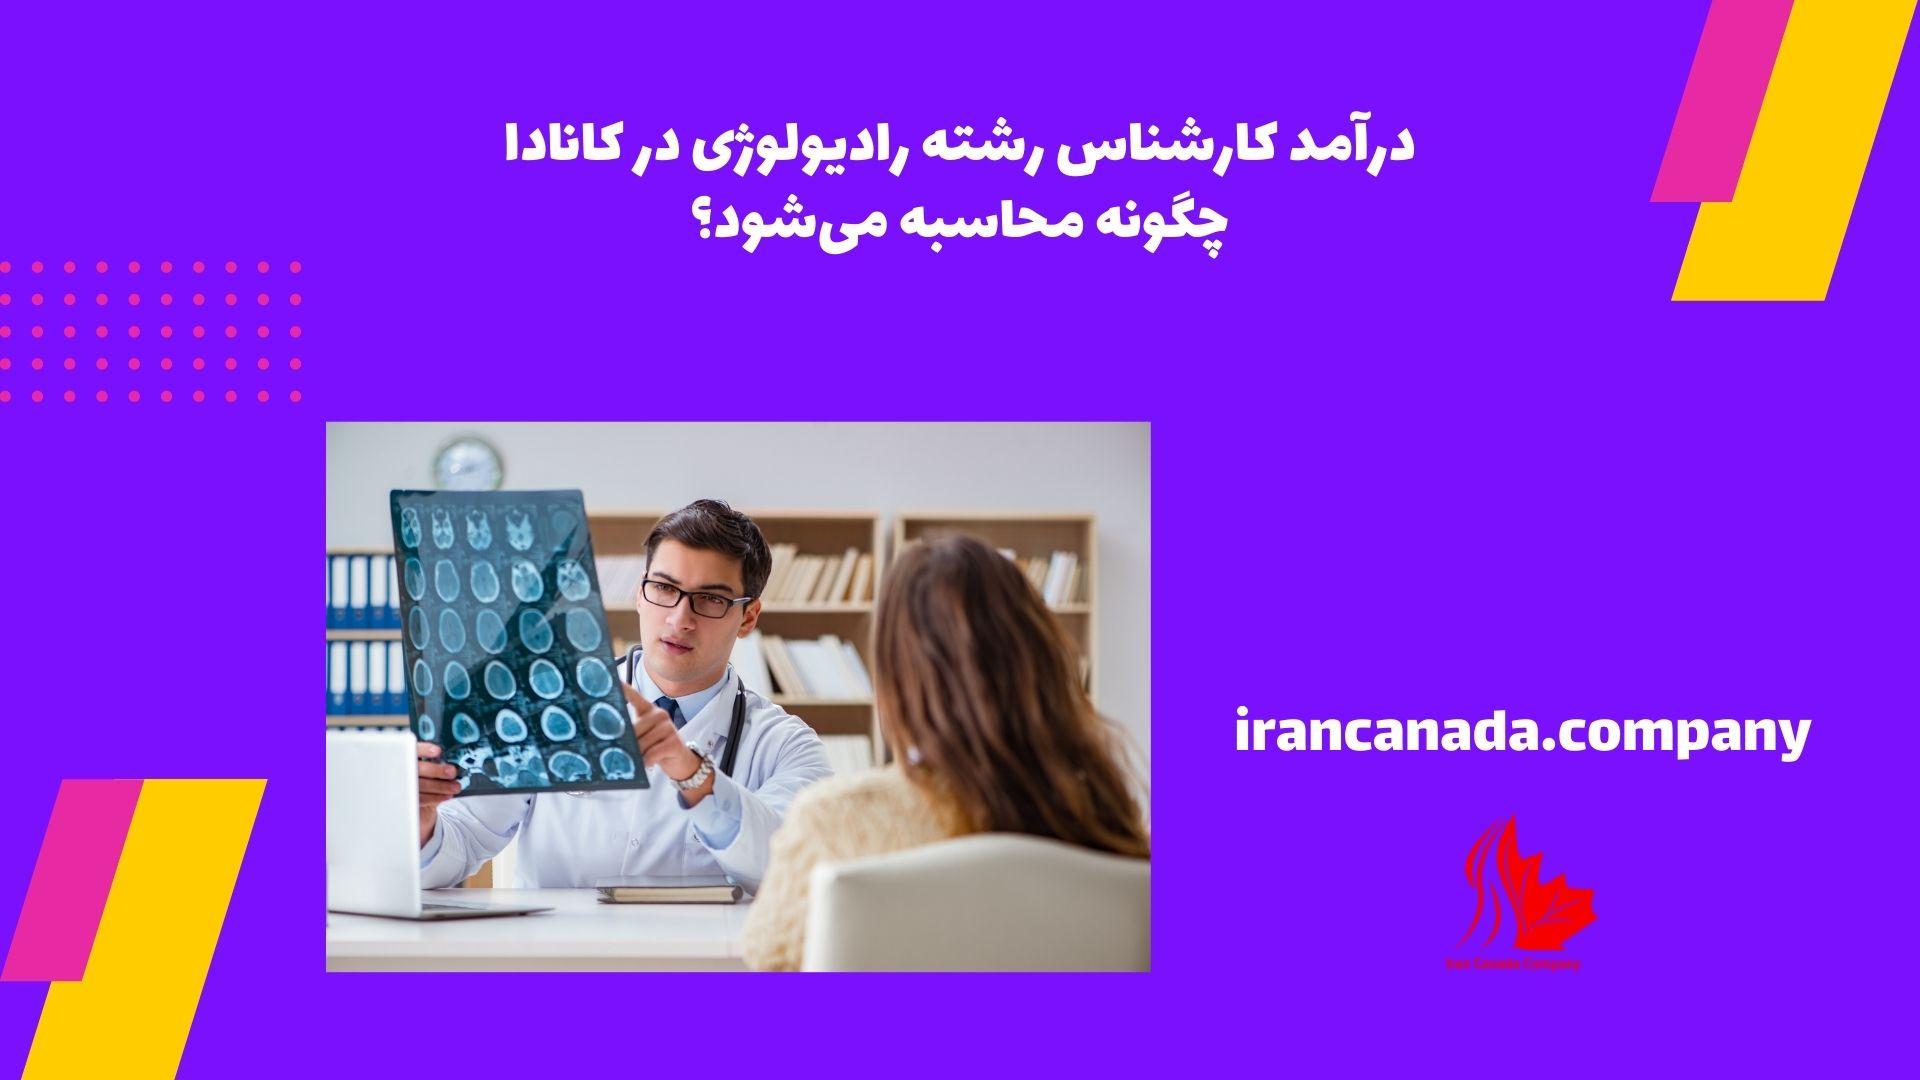 درآمد کارشناس رشته رادیولوژی در کانادا چگونه محاسبه میشود؟